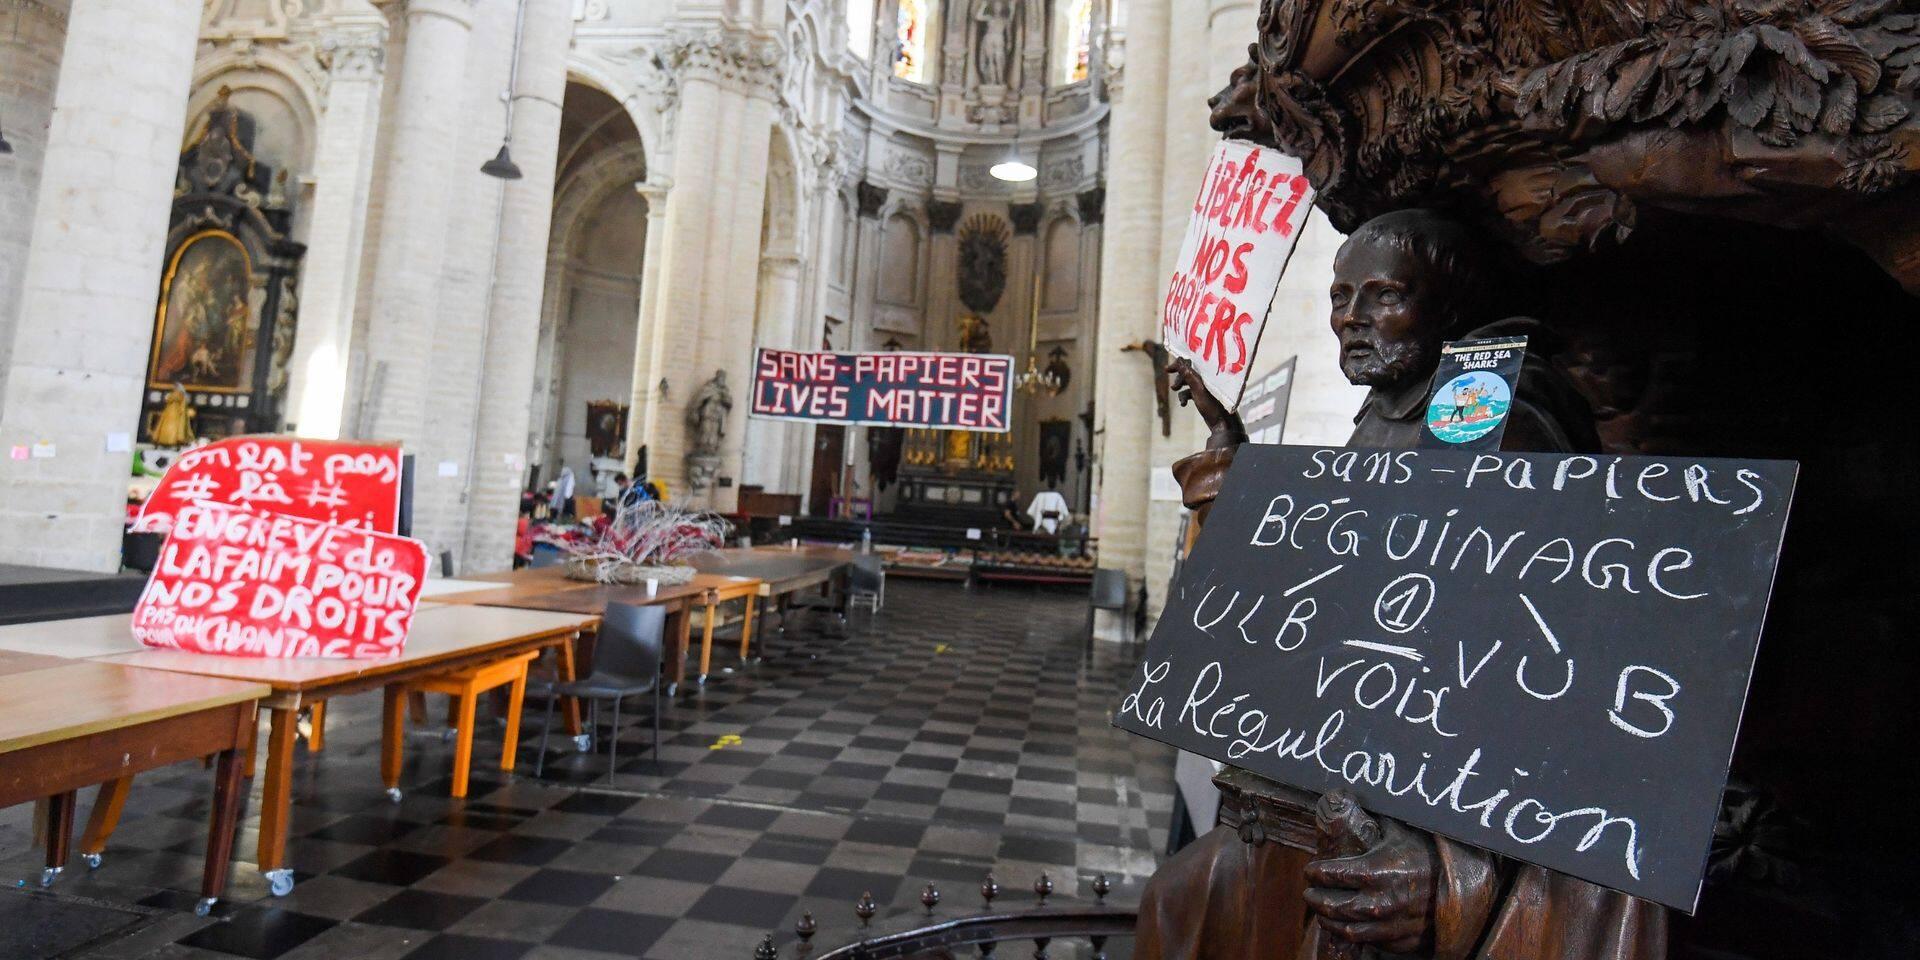 Grève de la faim de sans-papiers à Bruxelles : Médecins du Monde lance un appel urgent aux soignants bénévoles